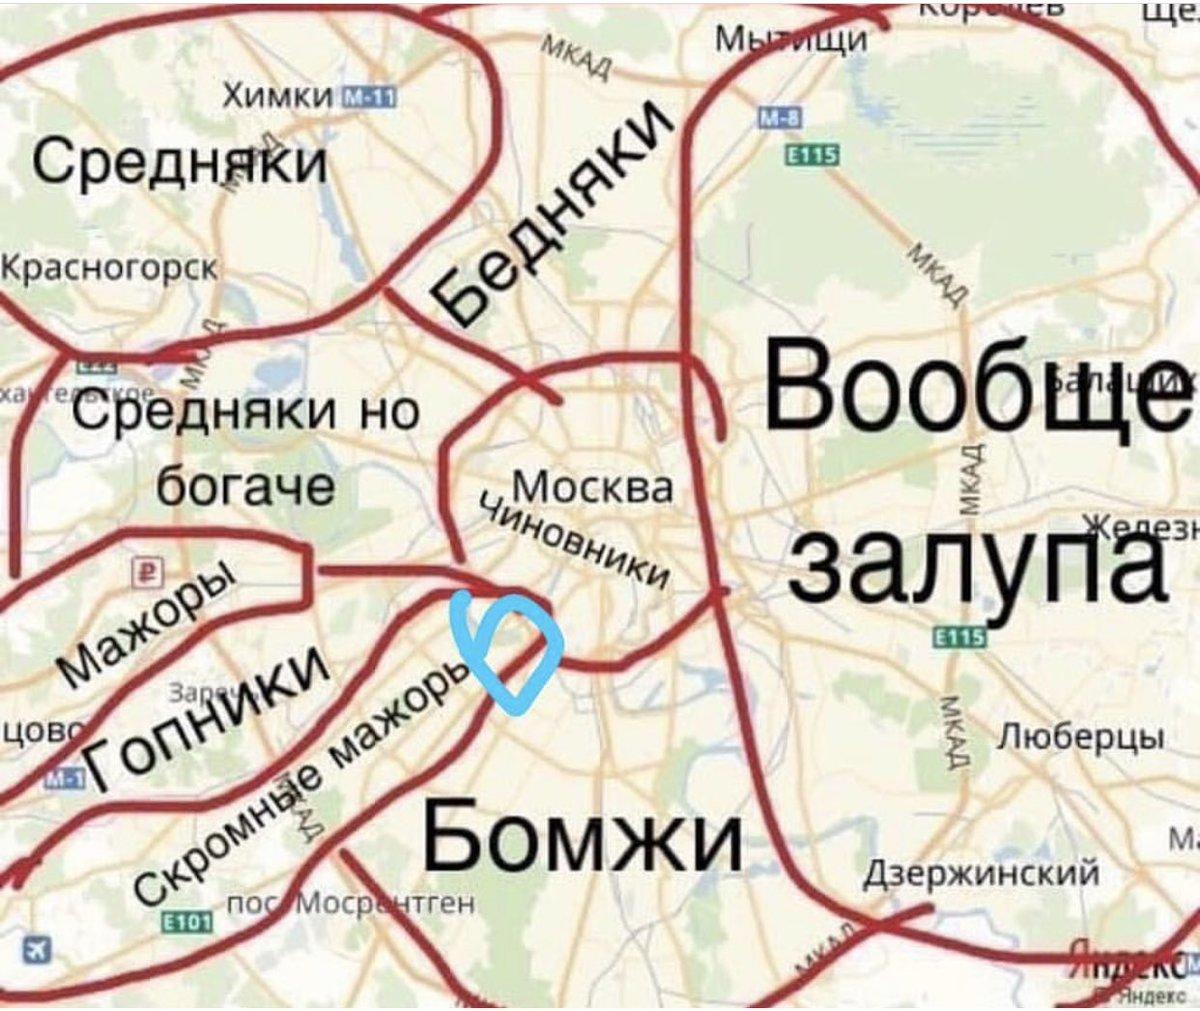 Смешные картинки про расселение москвы